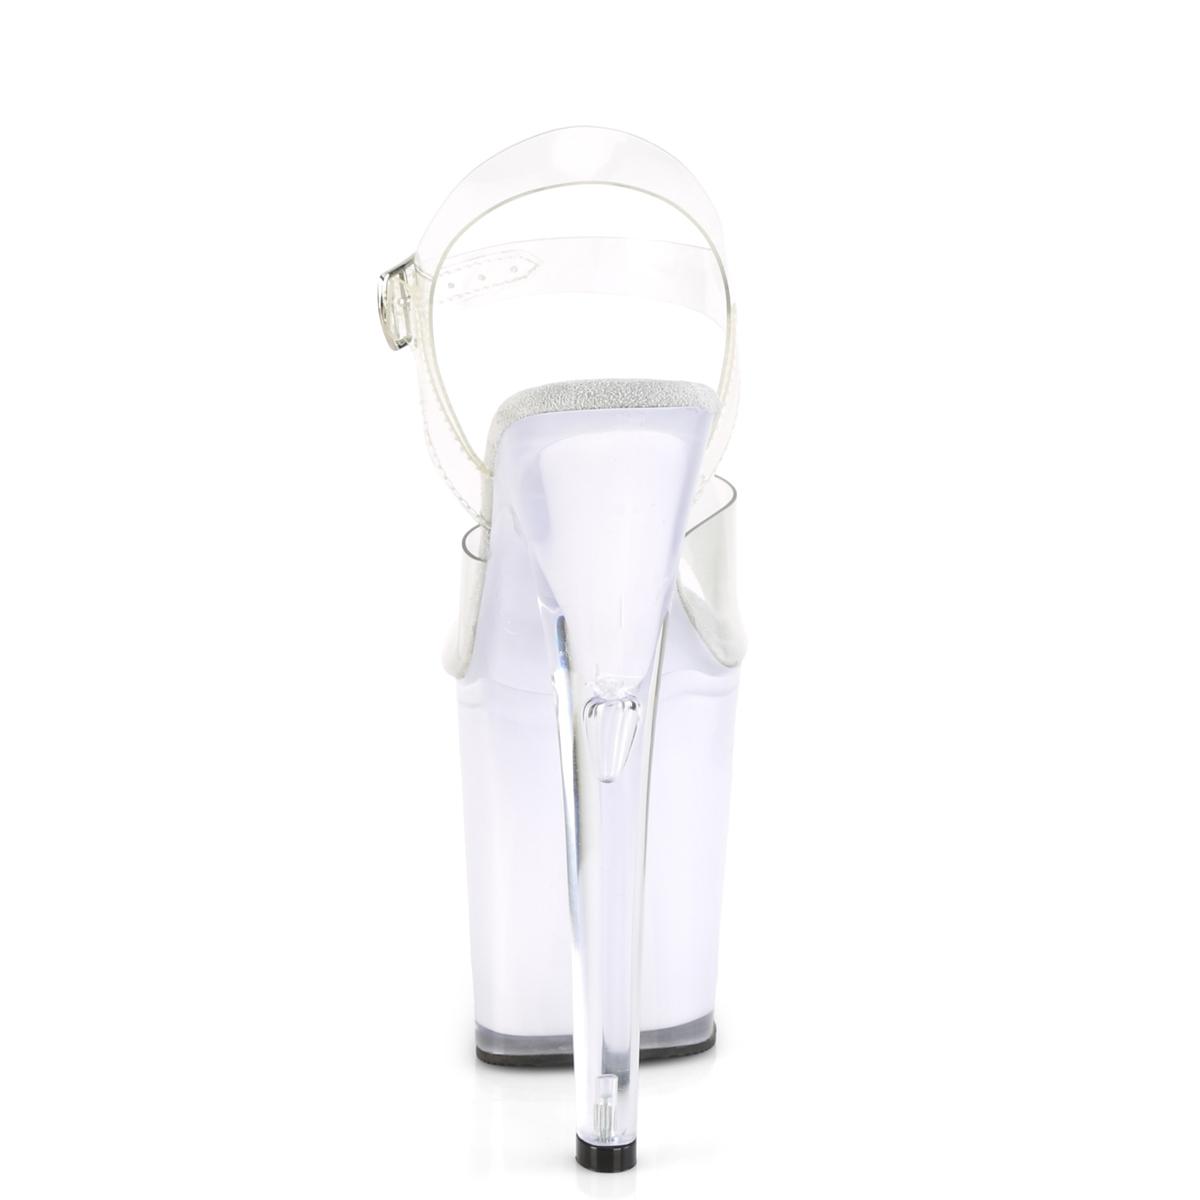 Pleaser(プリーザー) ILLUMINATOR-808 LEDイルミネーション厚底サンダル USB充電 ポールダンス クリア/ホワイトグロウ◆取り寄せ